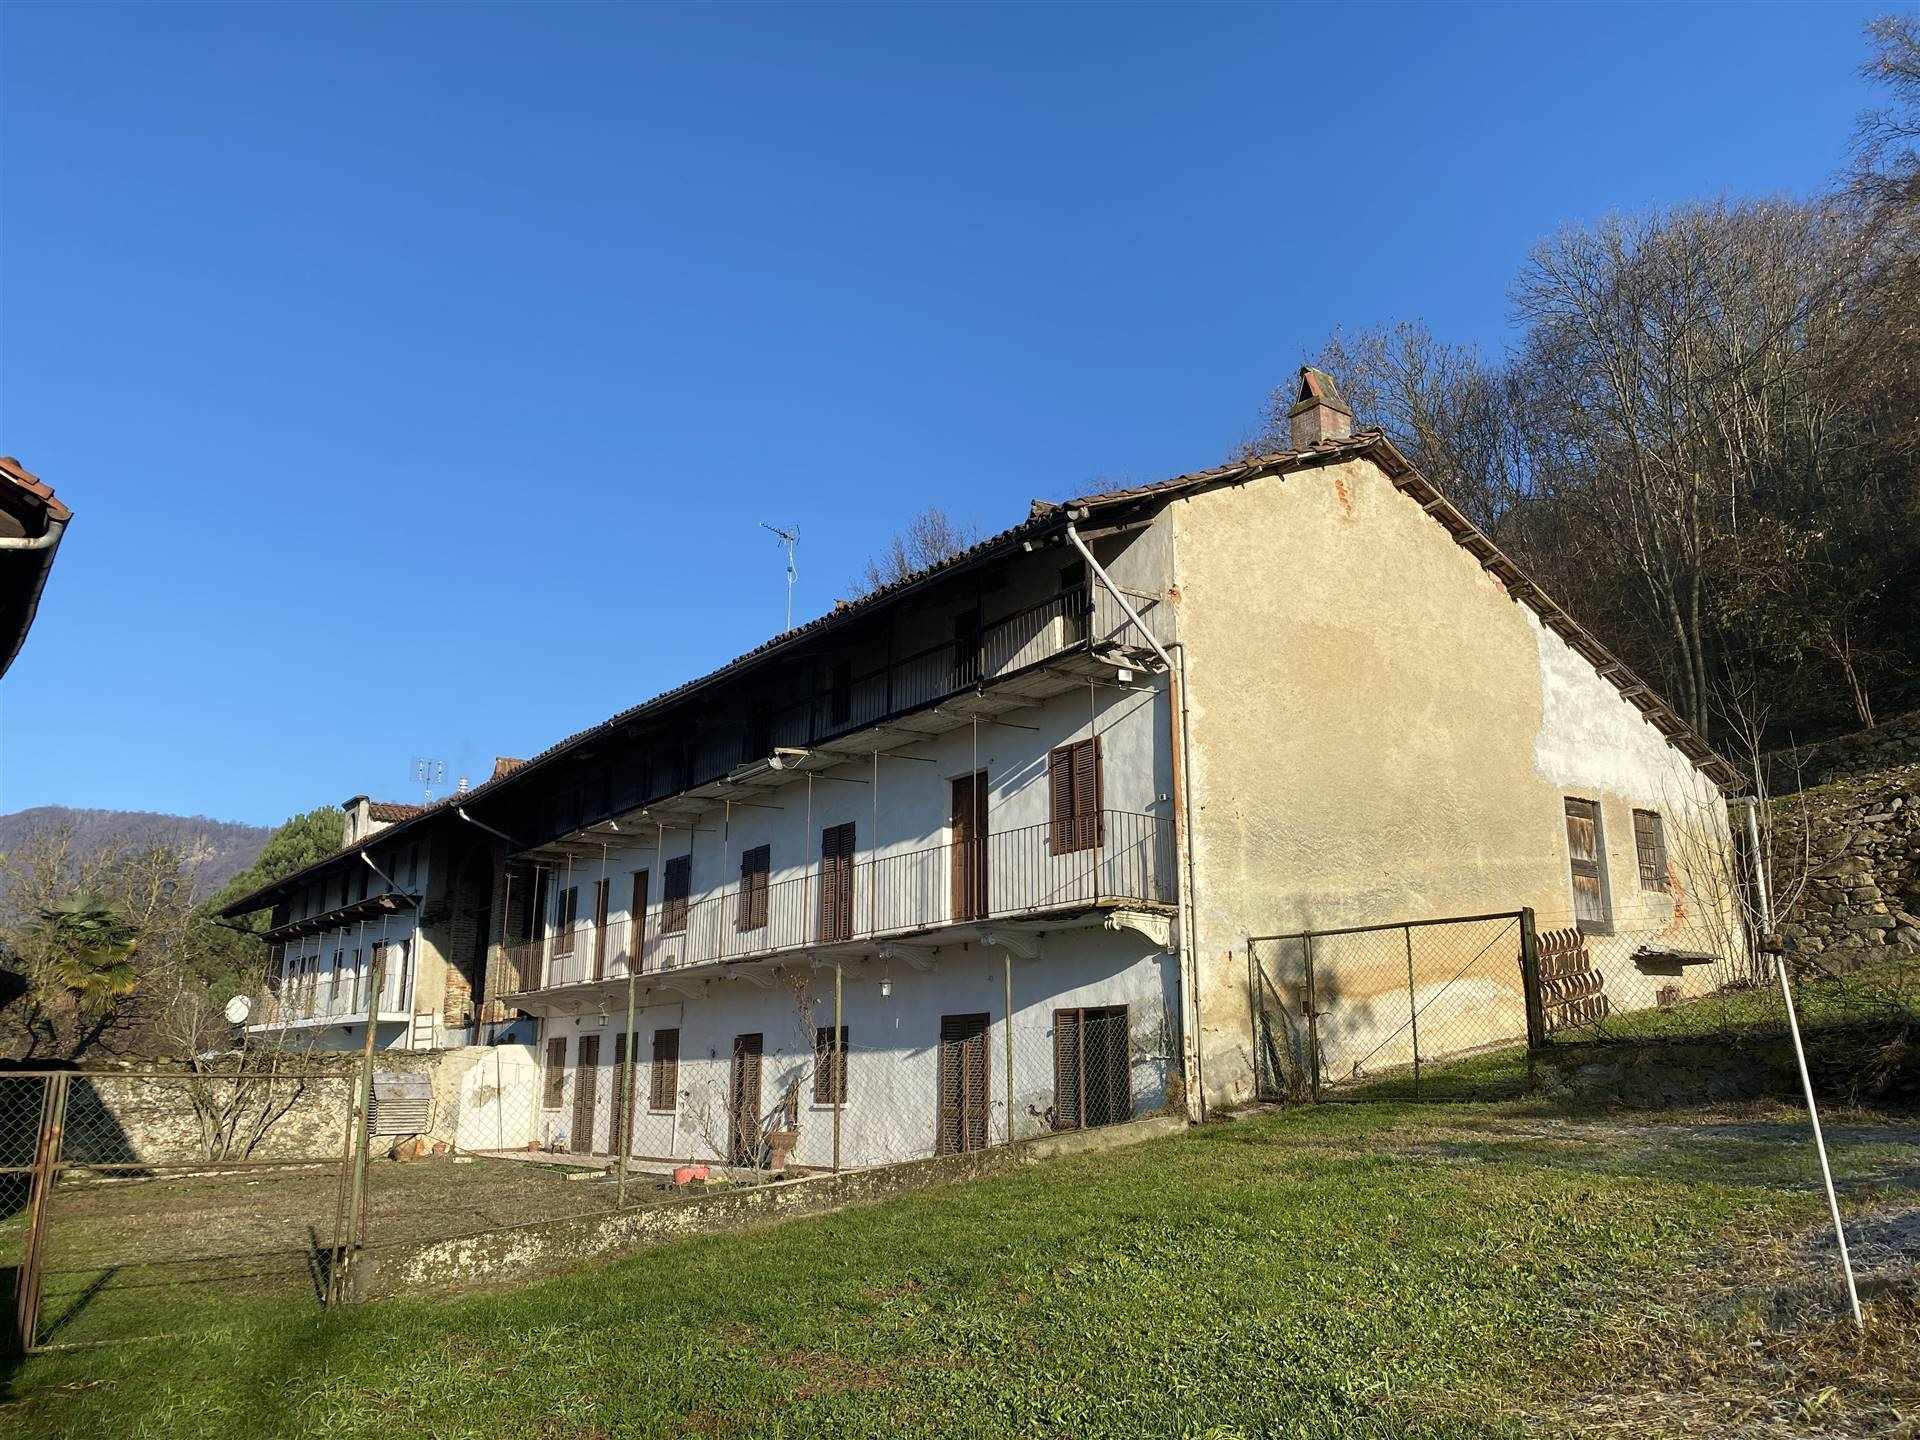 Rustico / Casale in vendita a Palazzo Canavese, 9 locali, prezzo € 120.000 | PortaleAgenzieImmobiliari.it